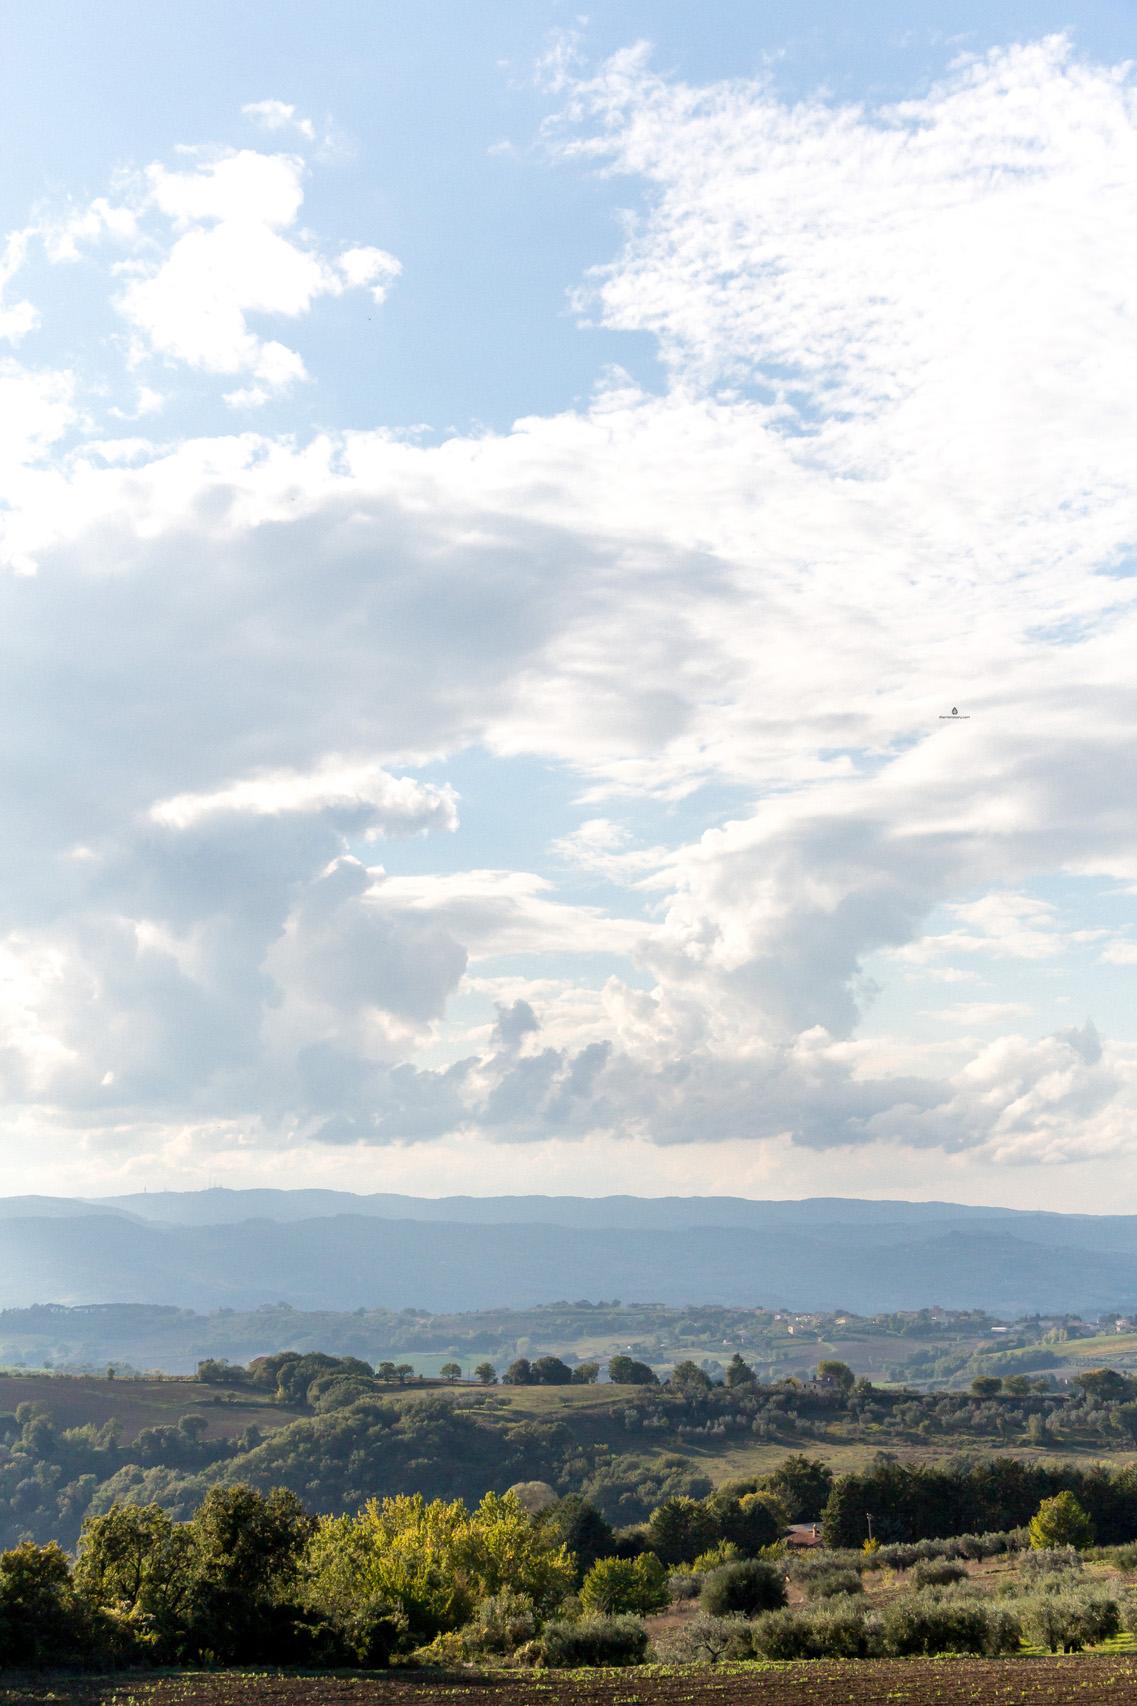 Landscapes around Todi, Umbria